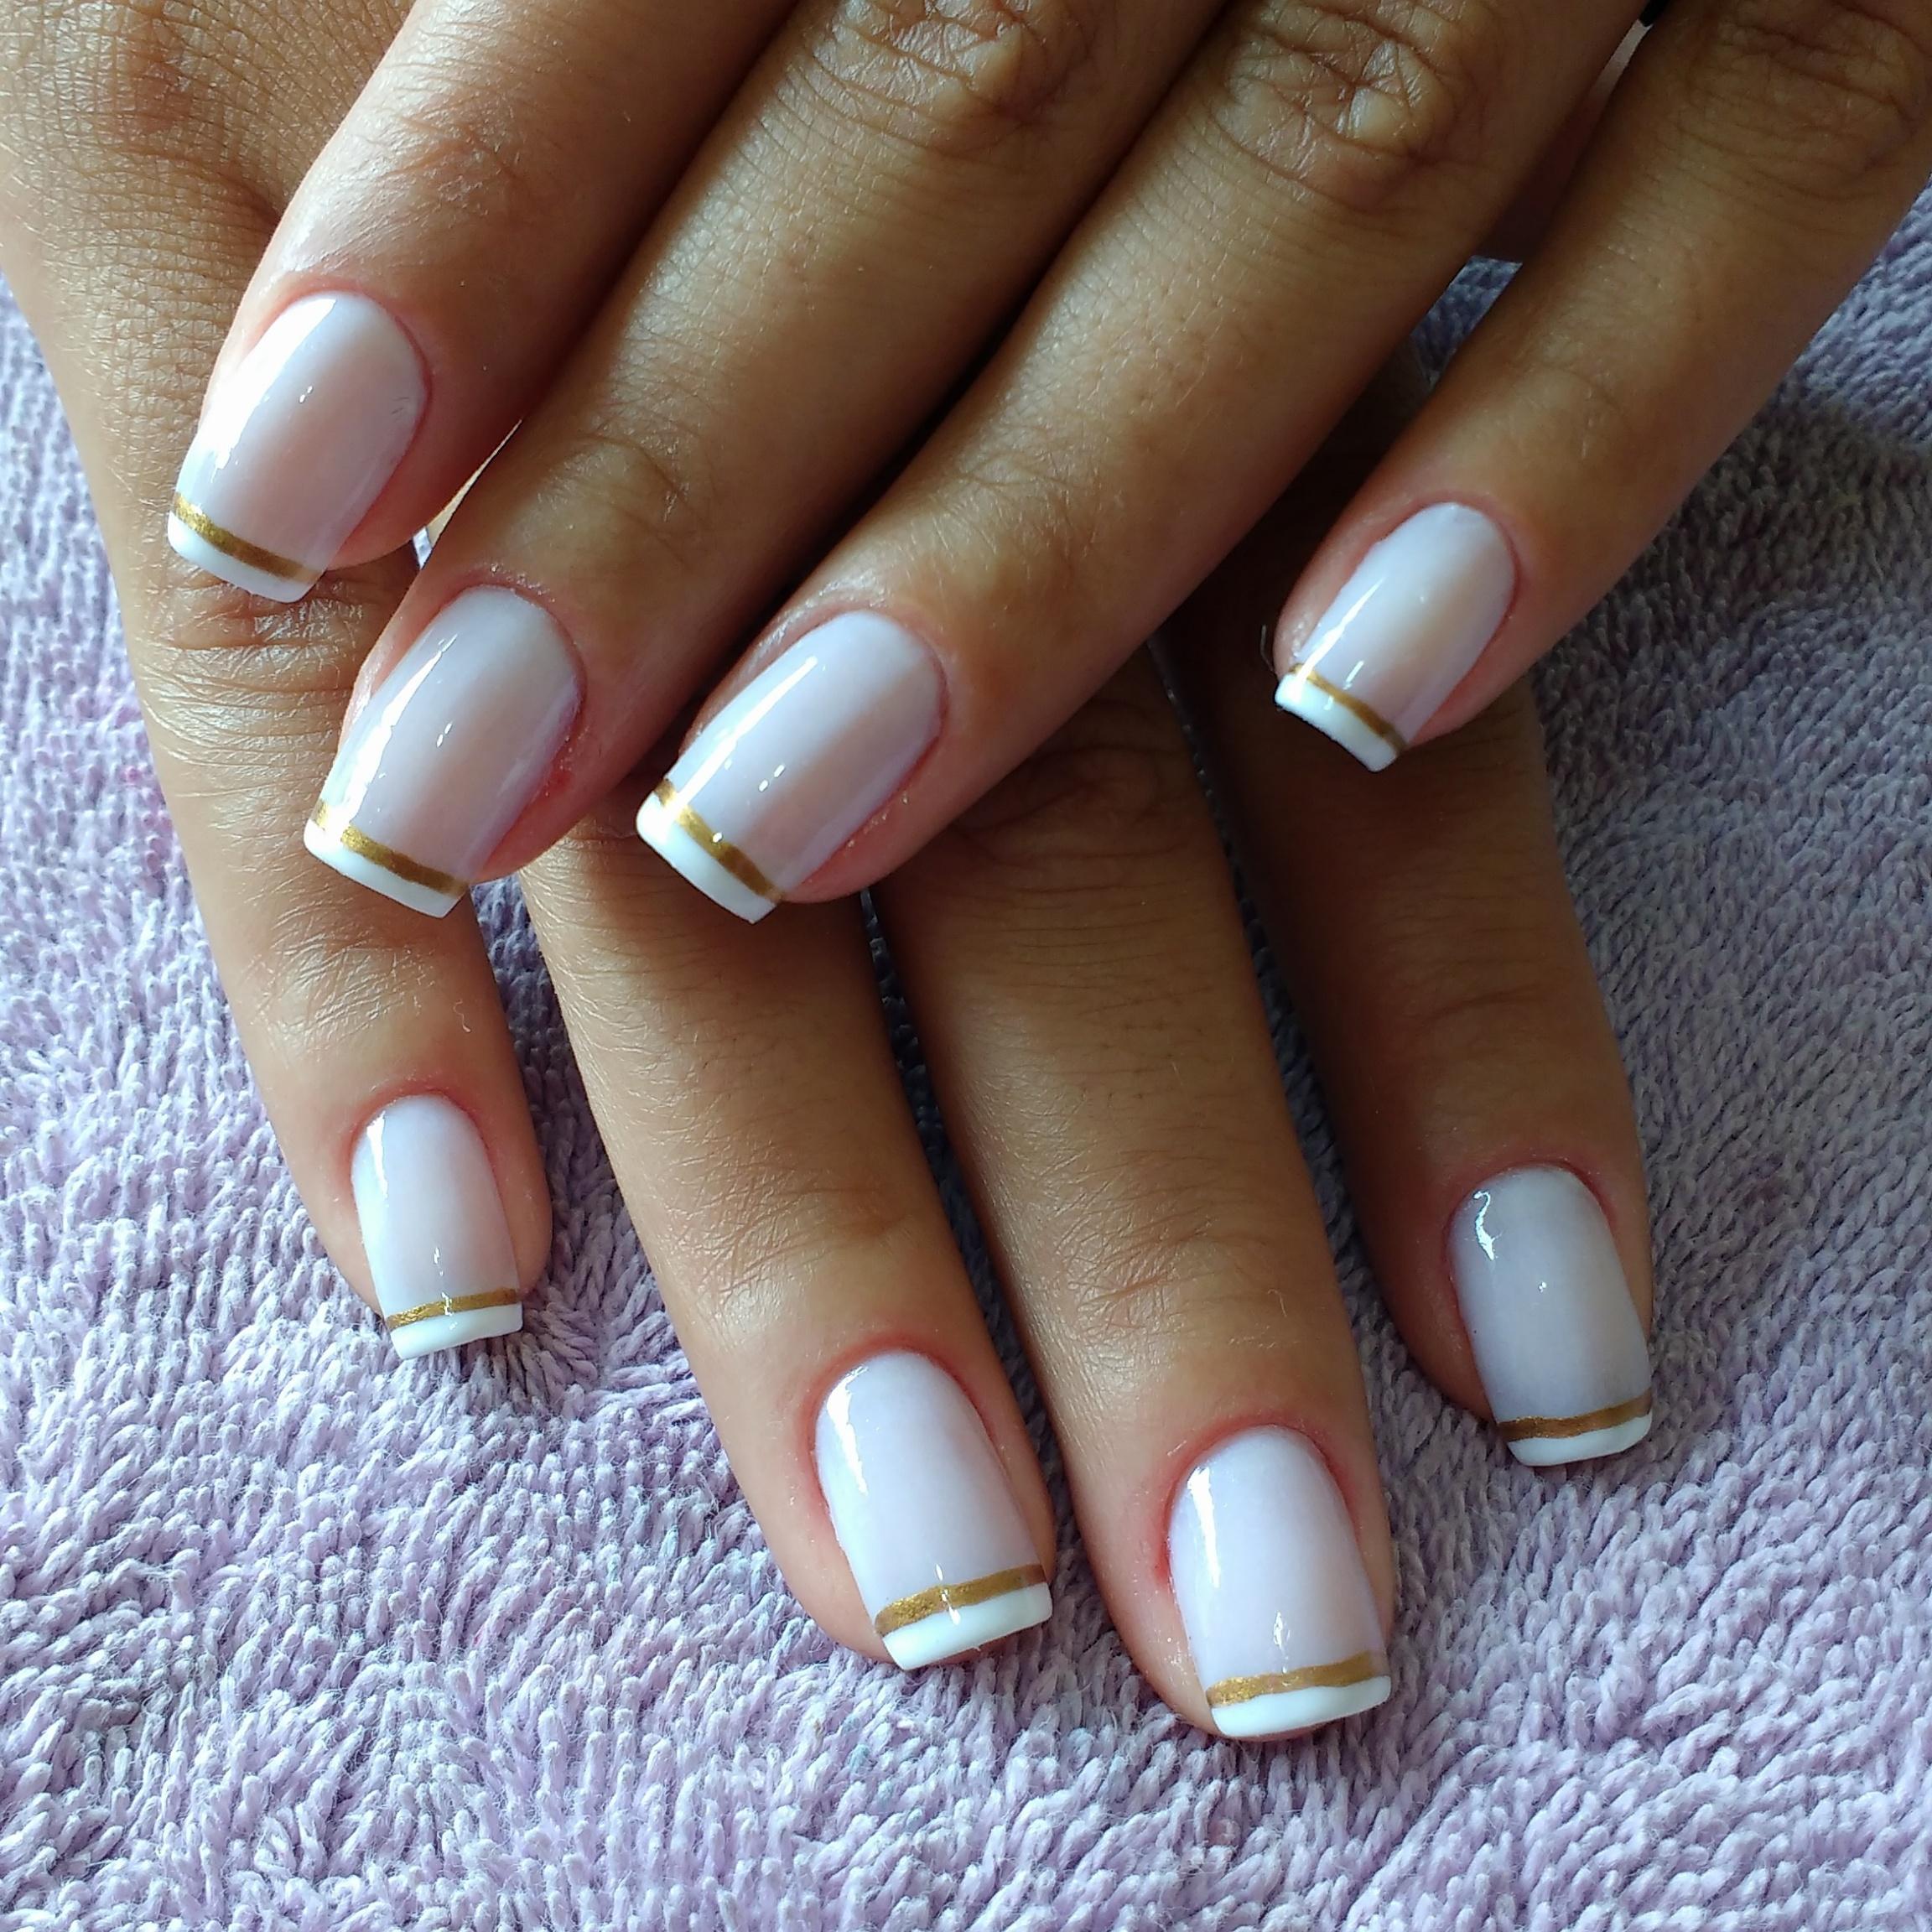 Francesinha 💜 minha especialidade, Amo muito o que eu faço.  unha manicure e pedicure